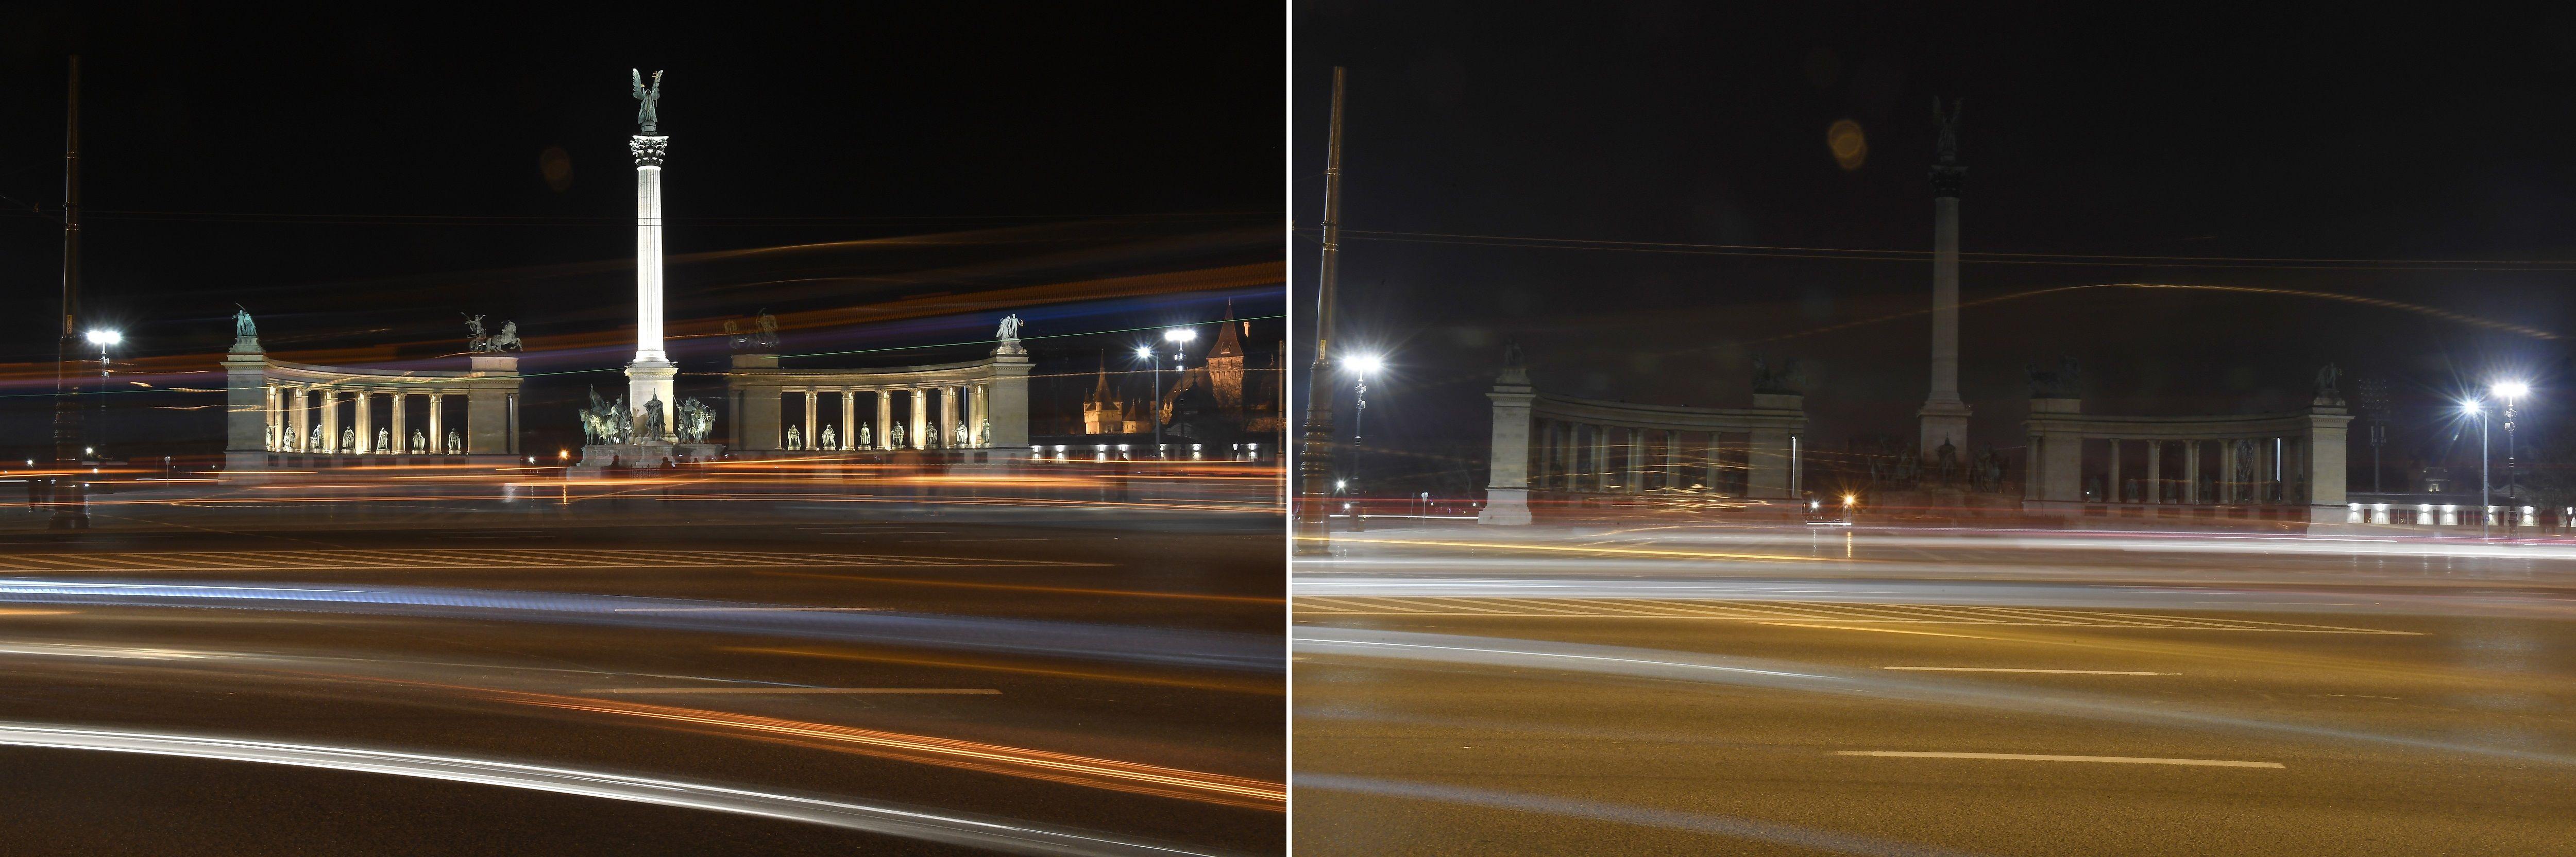 Budapest, 2018. március 24. Kombóképen Millenniumi emlékmû a Föld órája elnevezésû akció elõtt kivilágítva (balra), és az akció idején, kivilágítatlanul 2018. március 24-én este. A Természetvédelmi Világalap (WWF) kezdeményezésére a 2007-ben indult világméretû akcióban részt vevõ városokban március utolsó szombatján este fél kilenc és fél tíz között egy órára lekapcsolják a világítást, hogy felhívják a figyelmet a Földet fenyegetõ éghajlatváltozás veszélyeire. MTI Fotó: Kovács Tamás